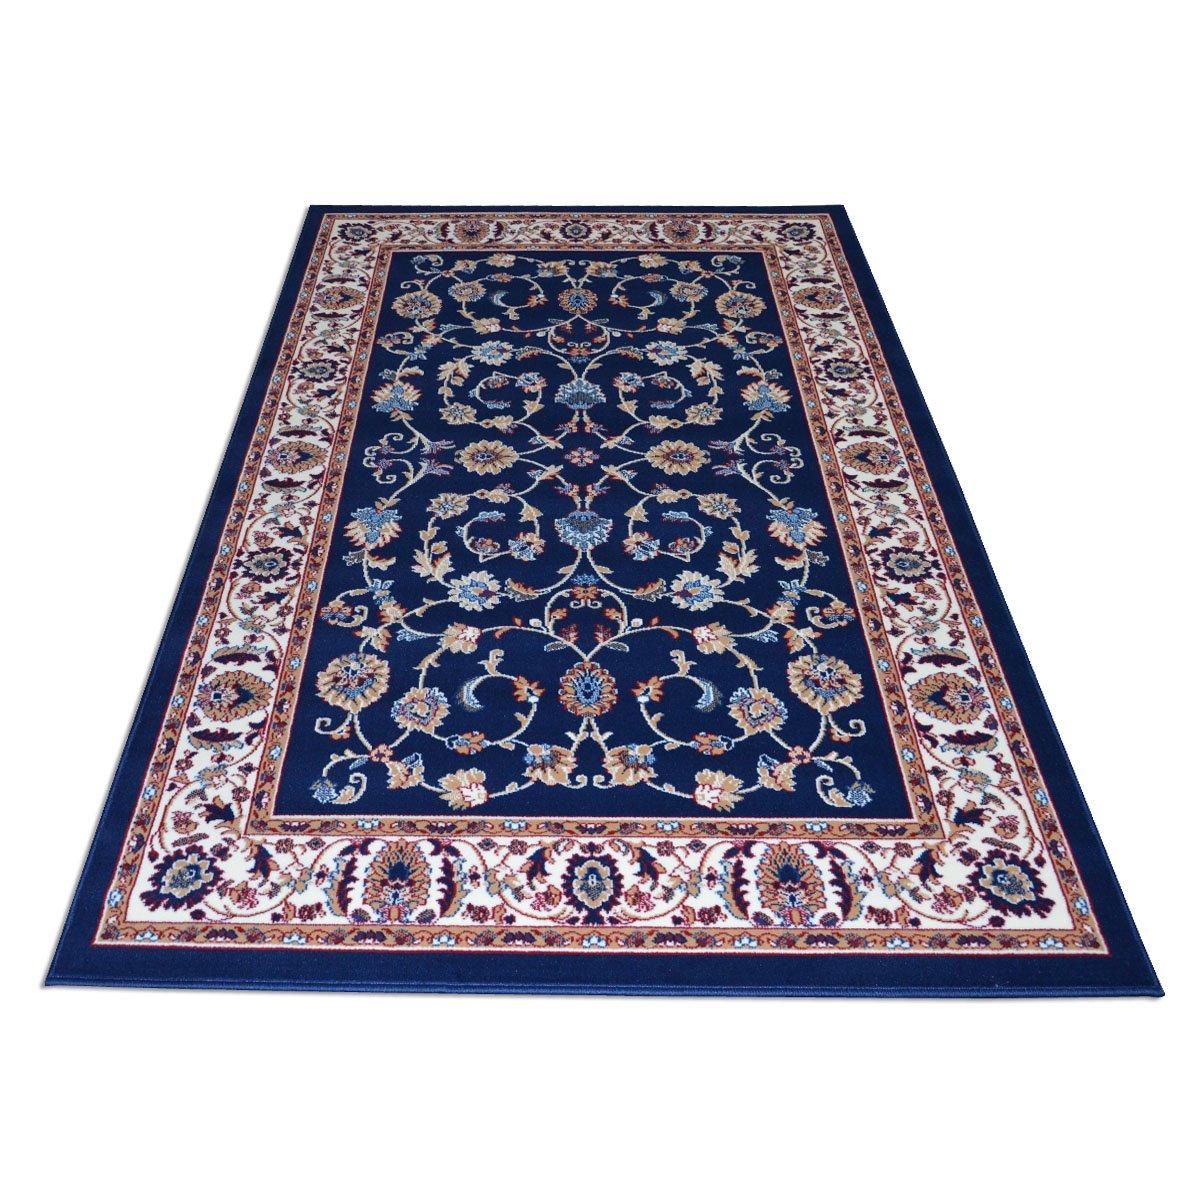 WEBTAPPETI.IT Tappeto Motivo Orientale Classico - Tappeto Economico Stile Persiano Royal Shiraz 2079-BLUE PARURE